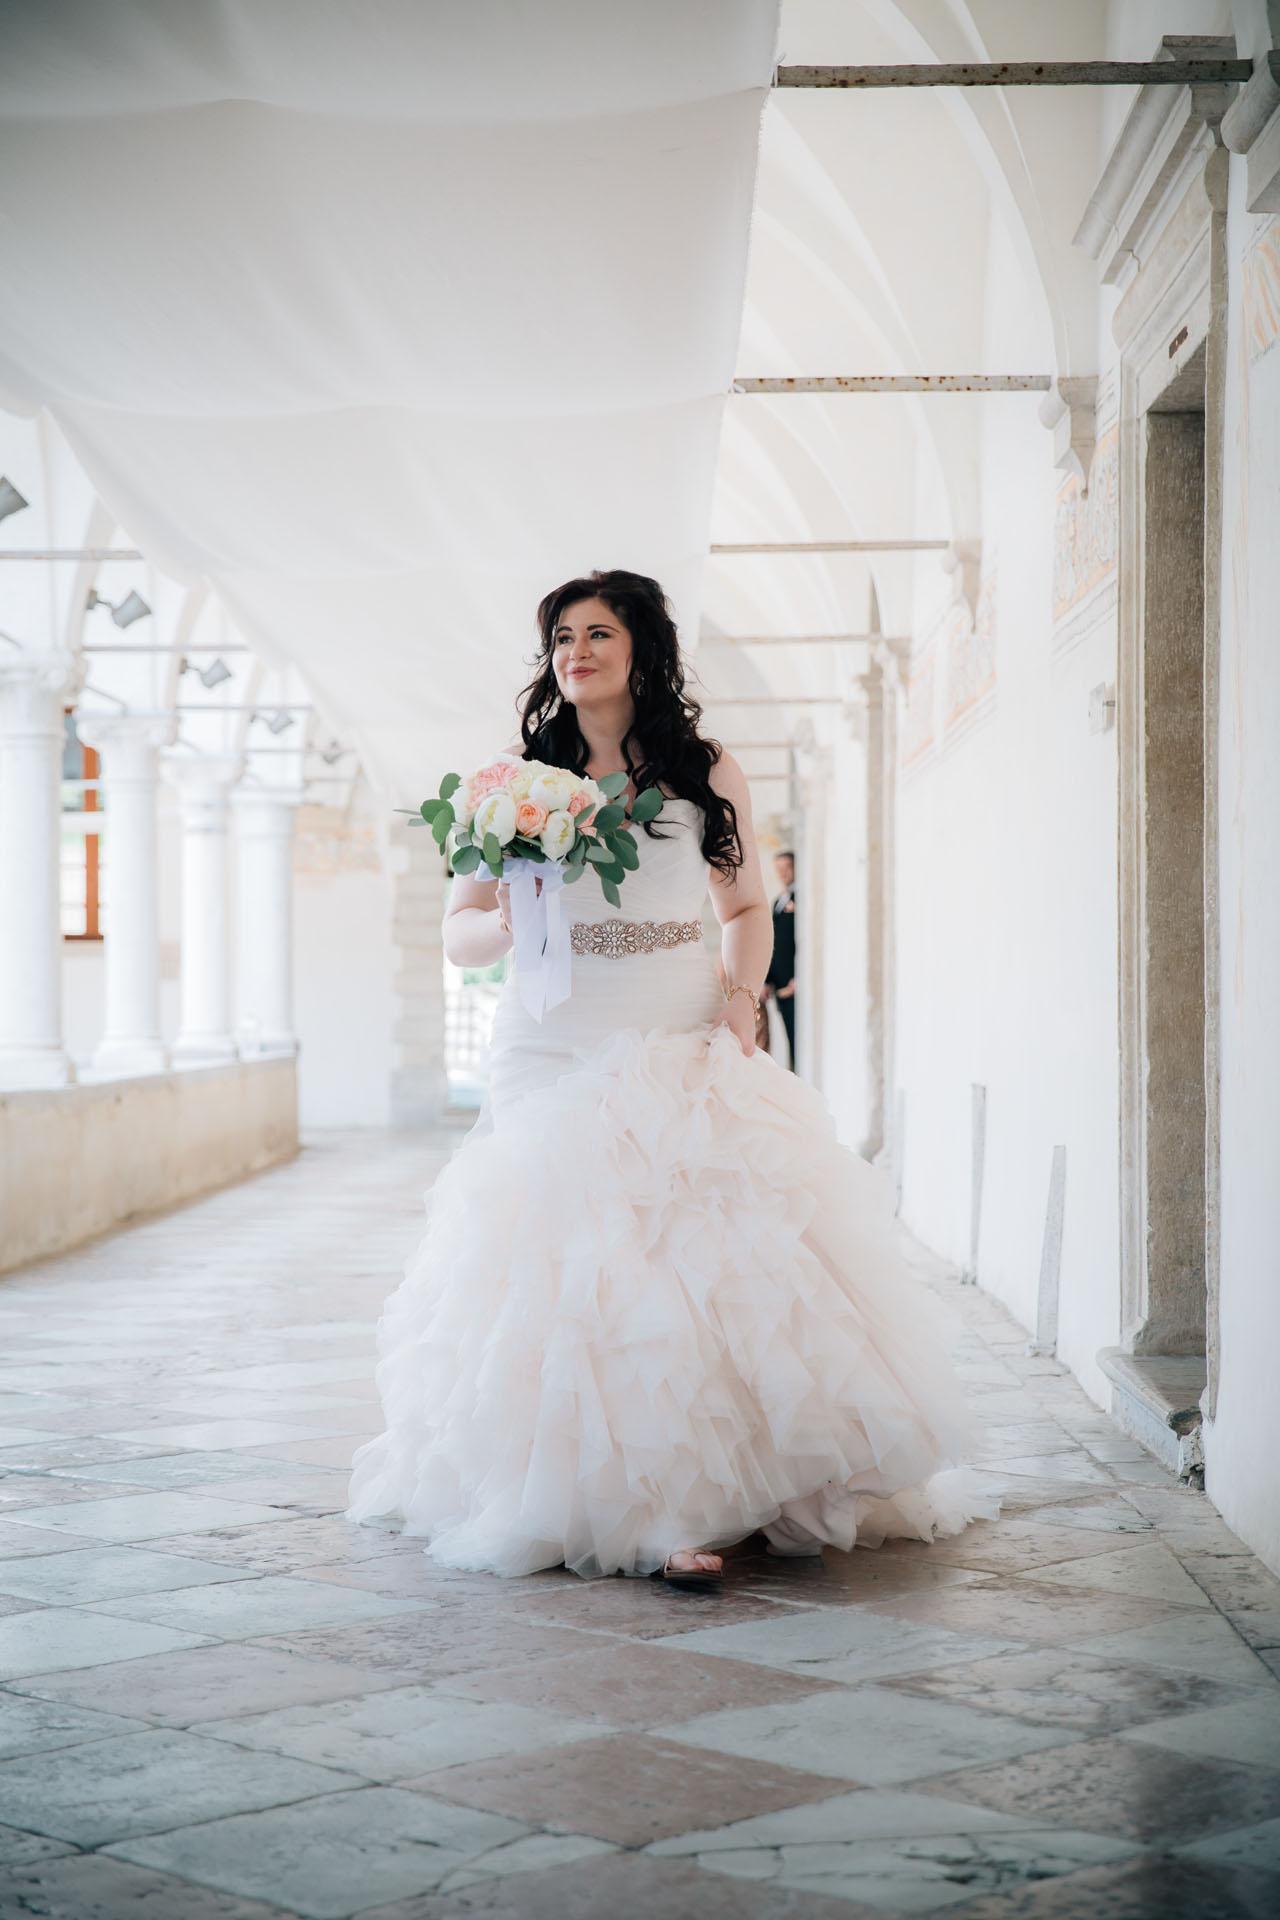 Jessica-Jason-Eccomi-Weddingdestination-Storytelling-Renato-Zanette-Fotografo-Convento-San-Francesco-Conegliano-Treviso-Veneto